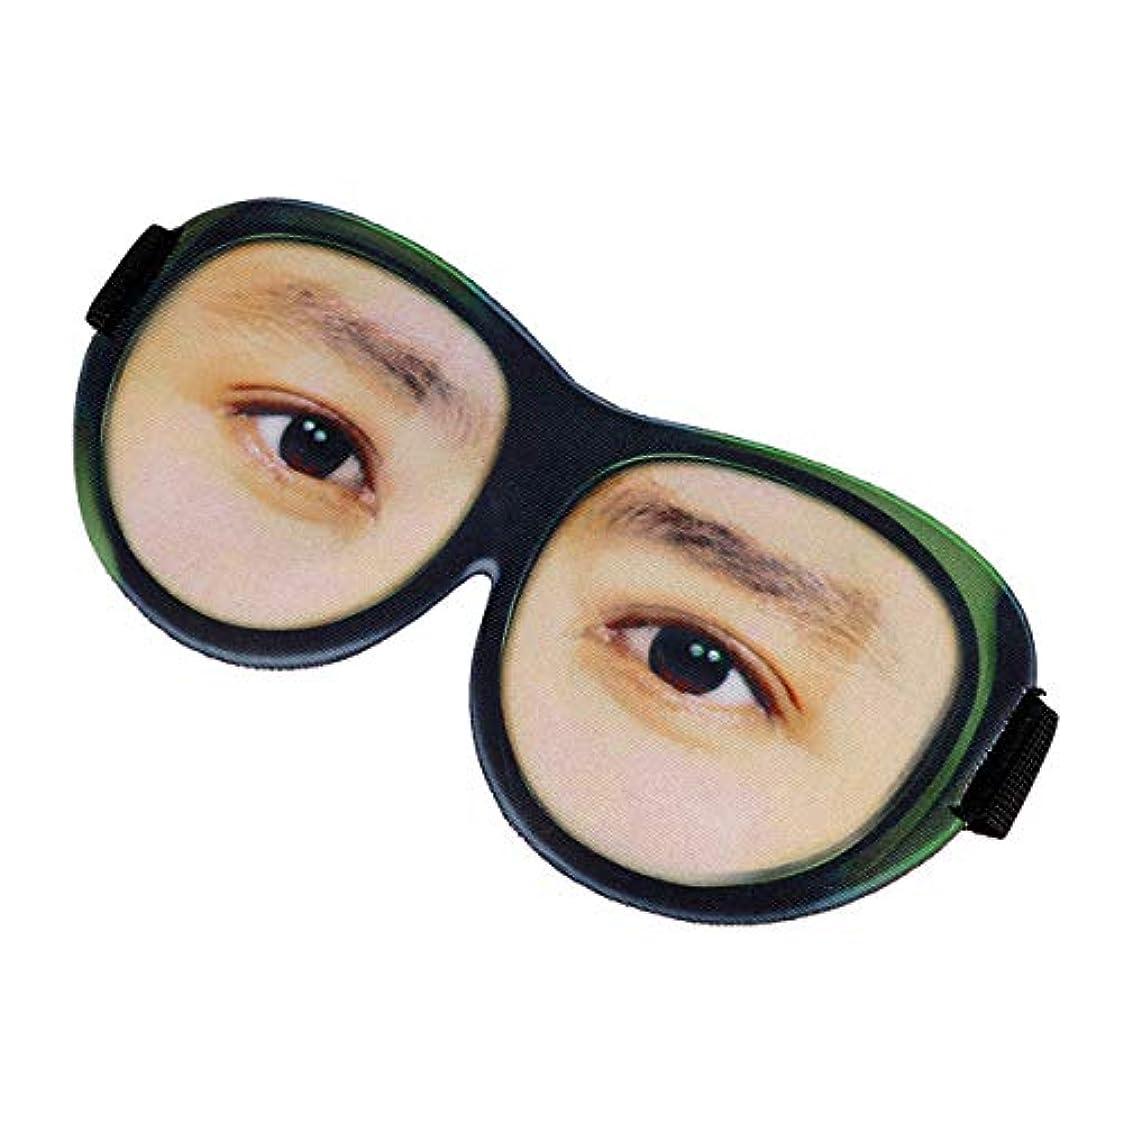 無実好ましい熱心なBeaupretty 睡眠マスクメガネ3d付き調節可能ストラップアイアイシェード睡眠アイシェード遮光ブロック用ホーム旅行屋外旅行